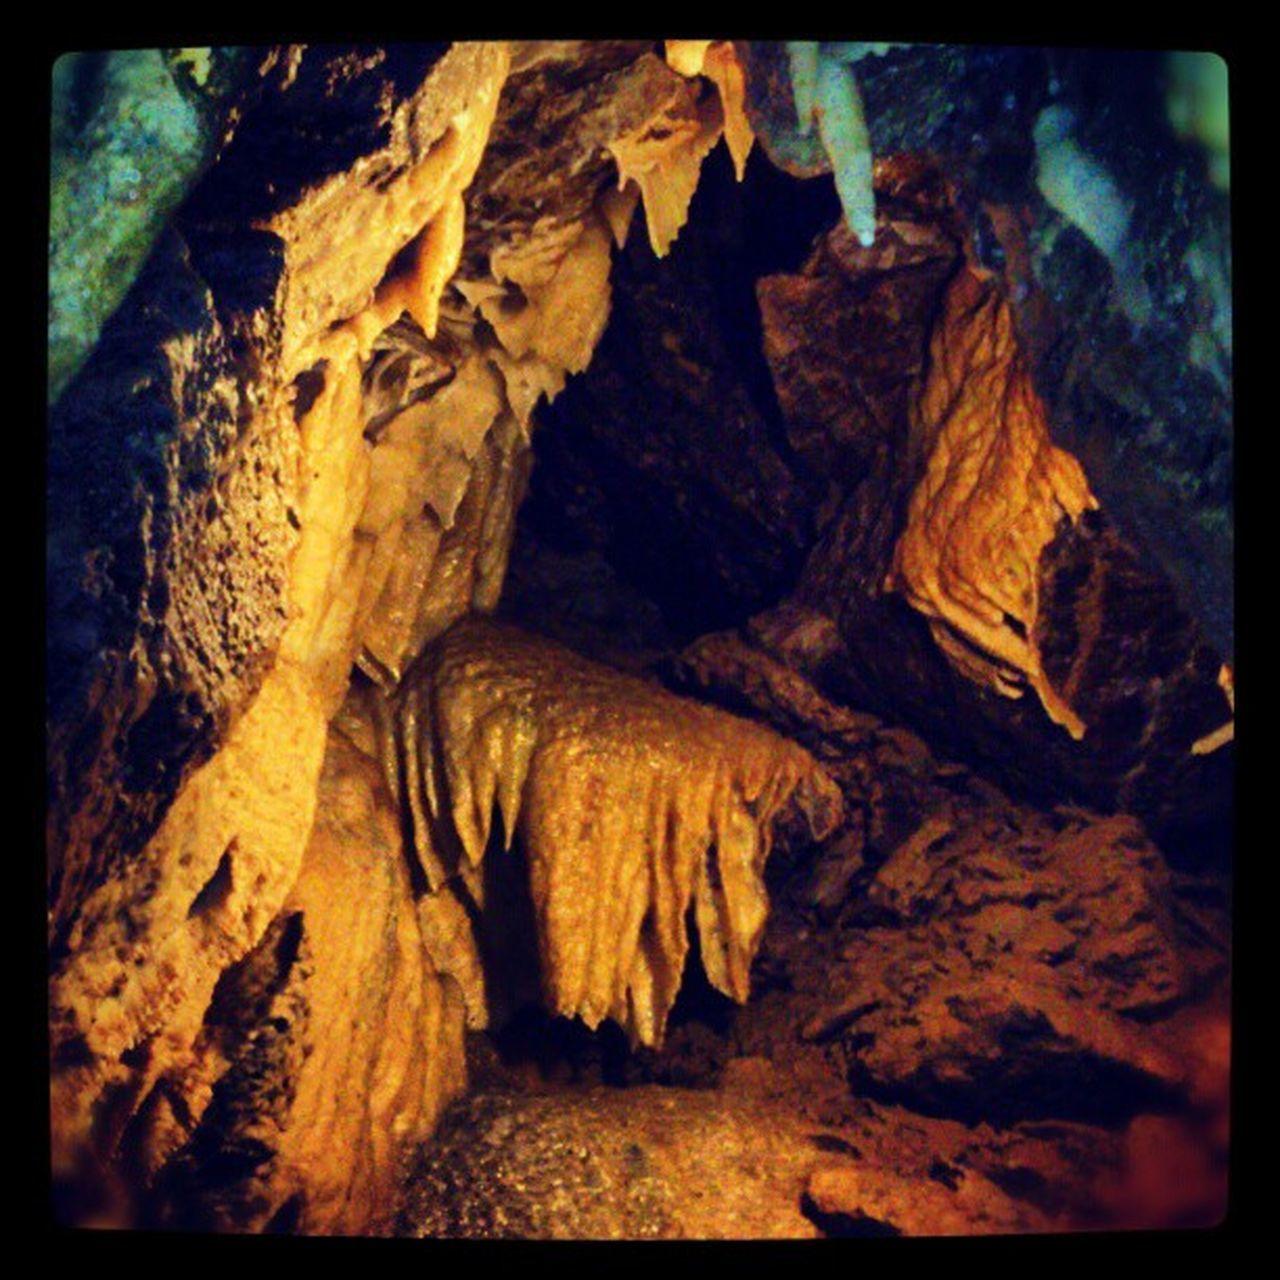 Syrau Tropfsteinhöhle Cave